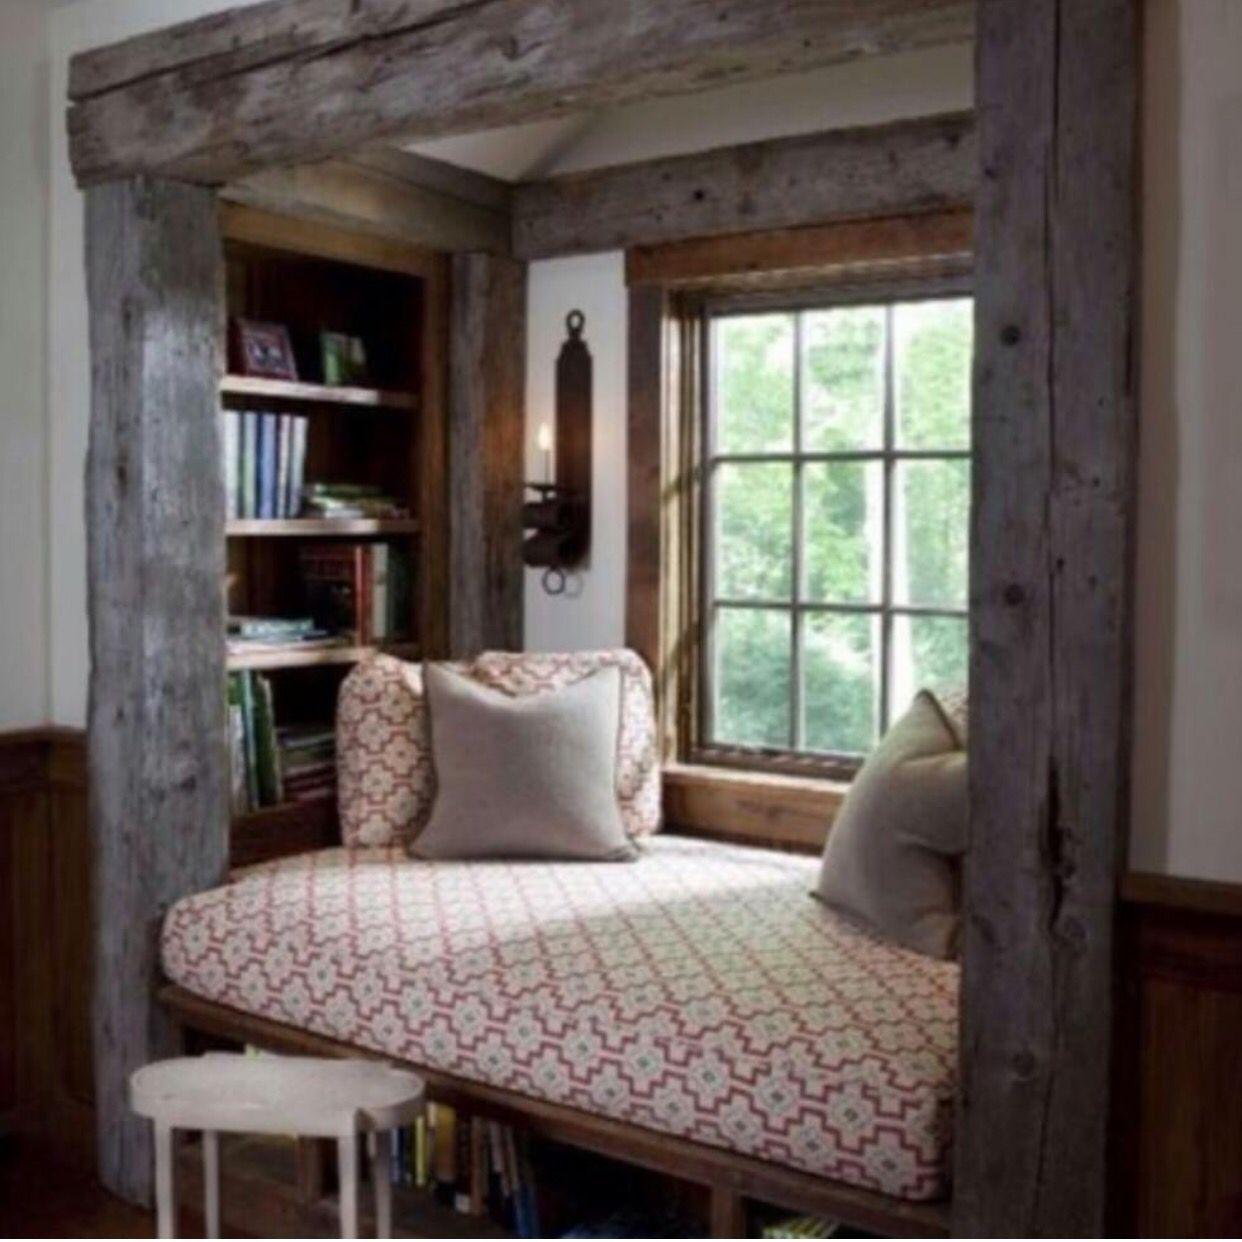 Einrichtung, Wohnen, Haus, Gemütliche Lesesäle, Lesen Ecken, Wohnzimmer,  Fenstersitze, Kreative Ideen, Projektideen